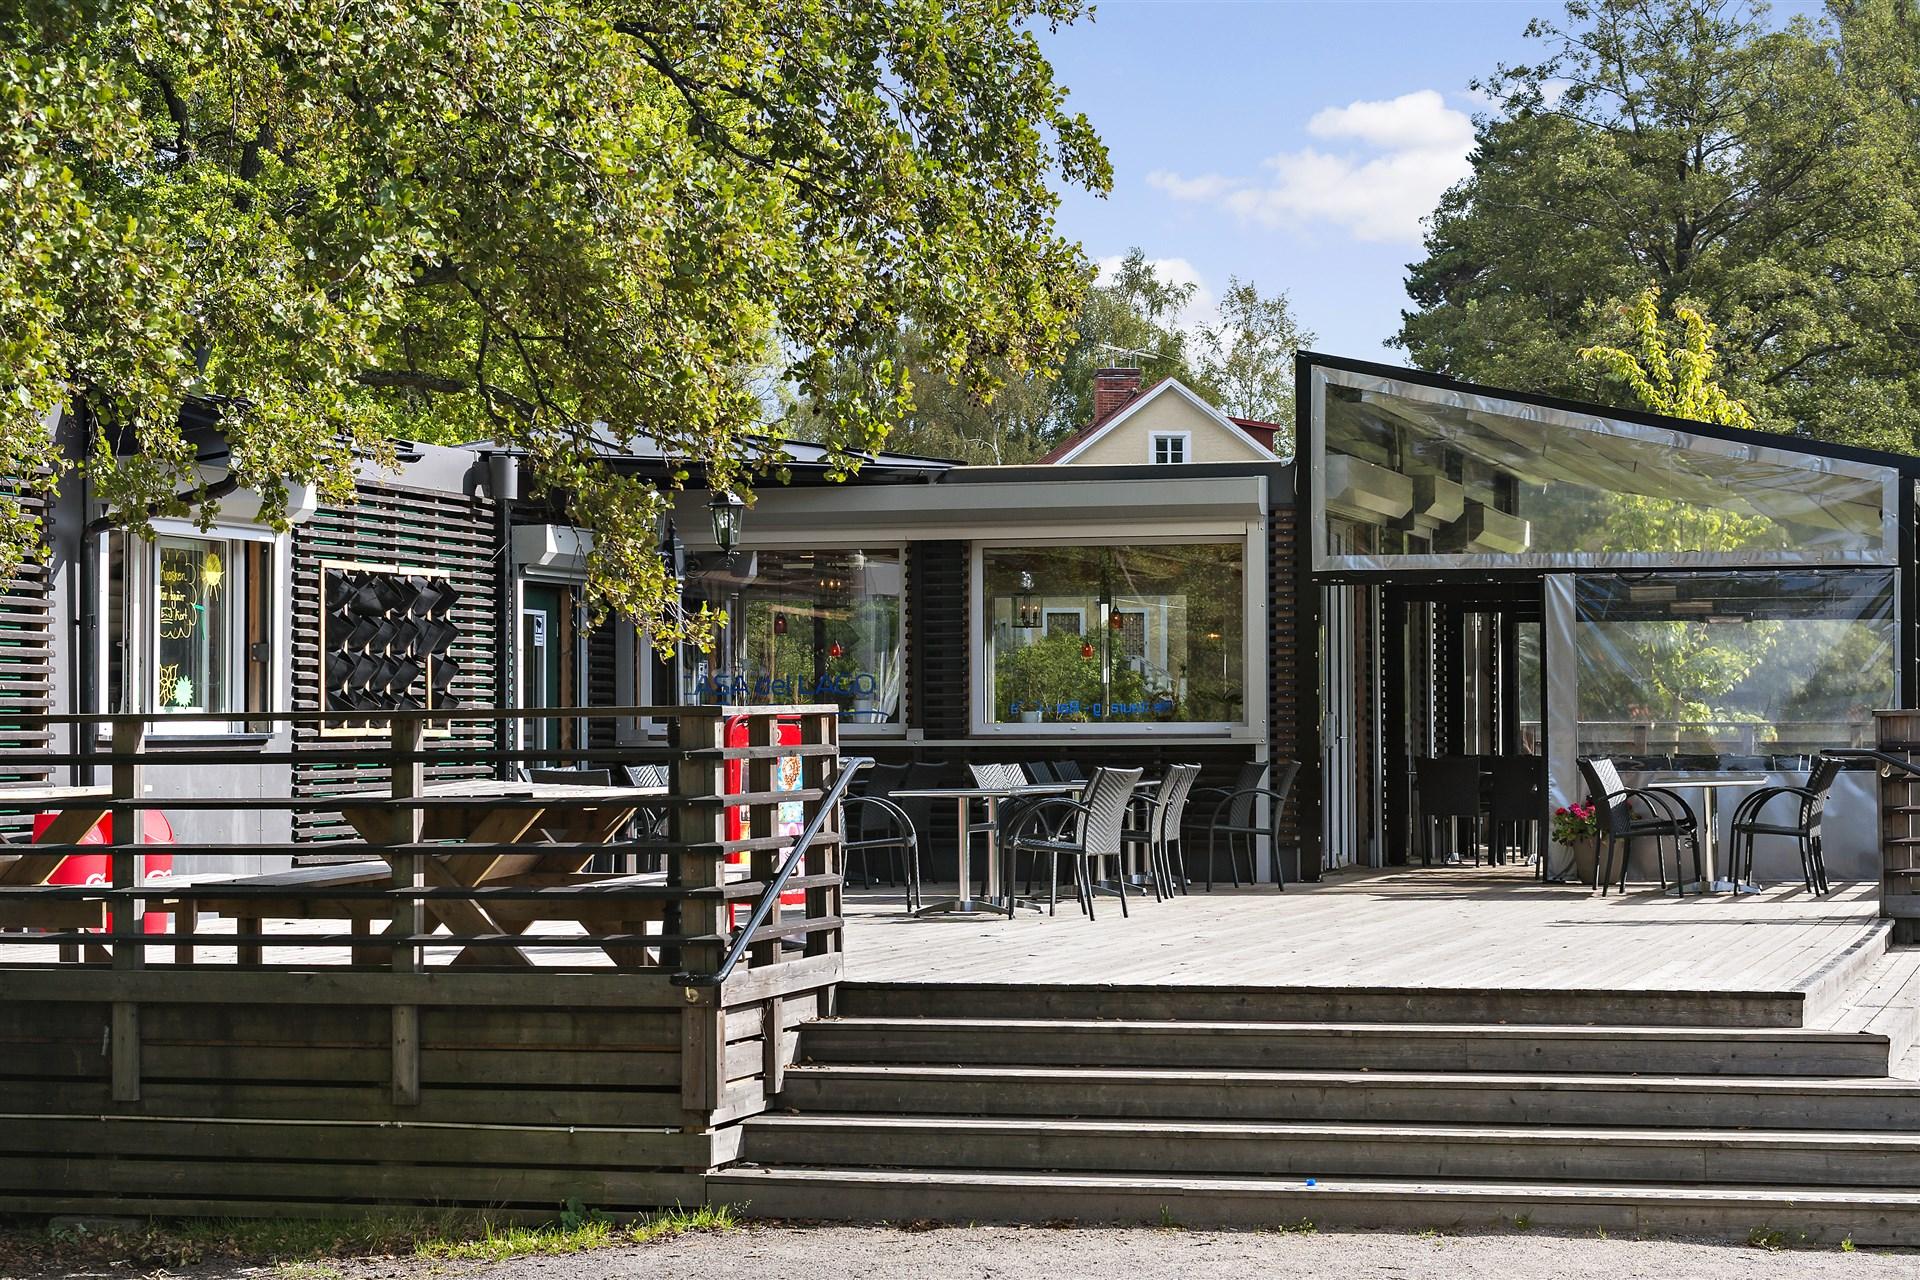 Restaurang Casa di Lago ligger vid Långsjöbadet och har en bra meny och öppet året om